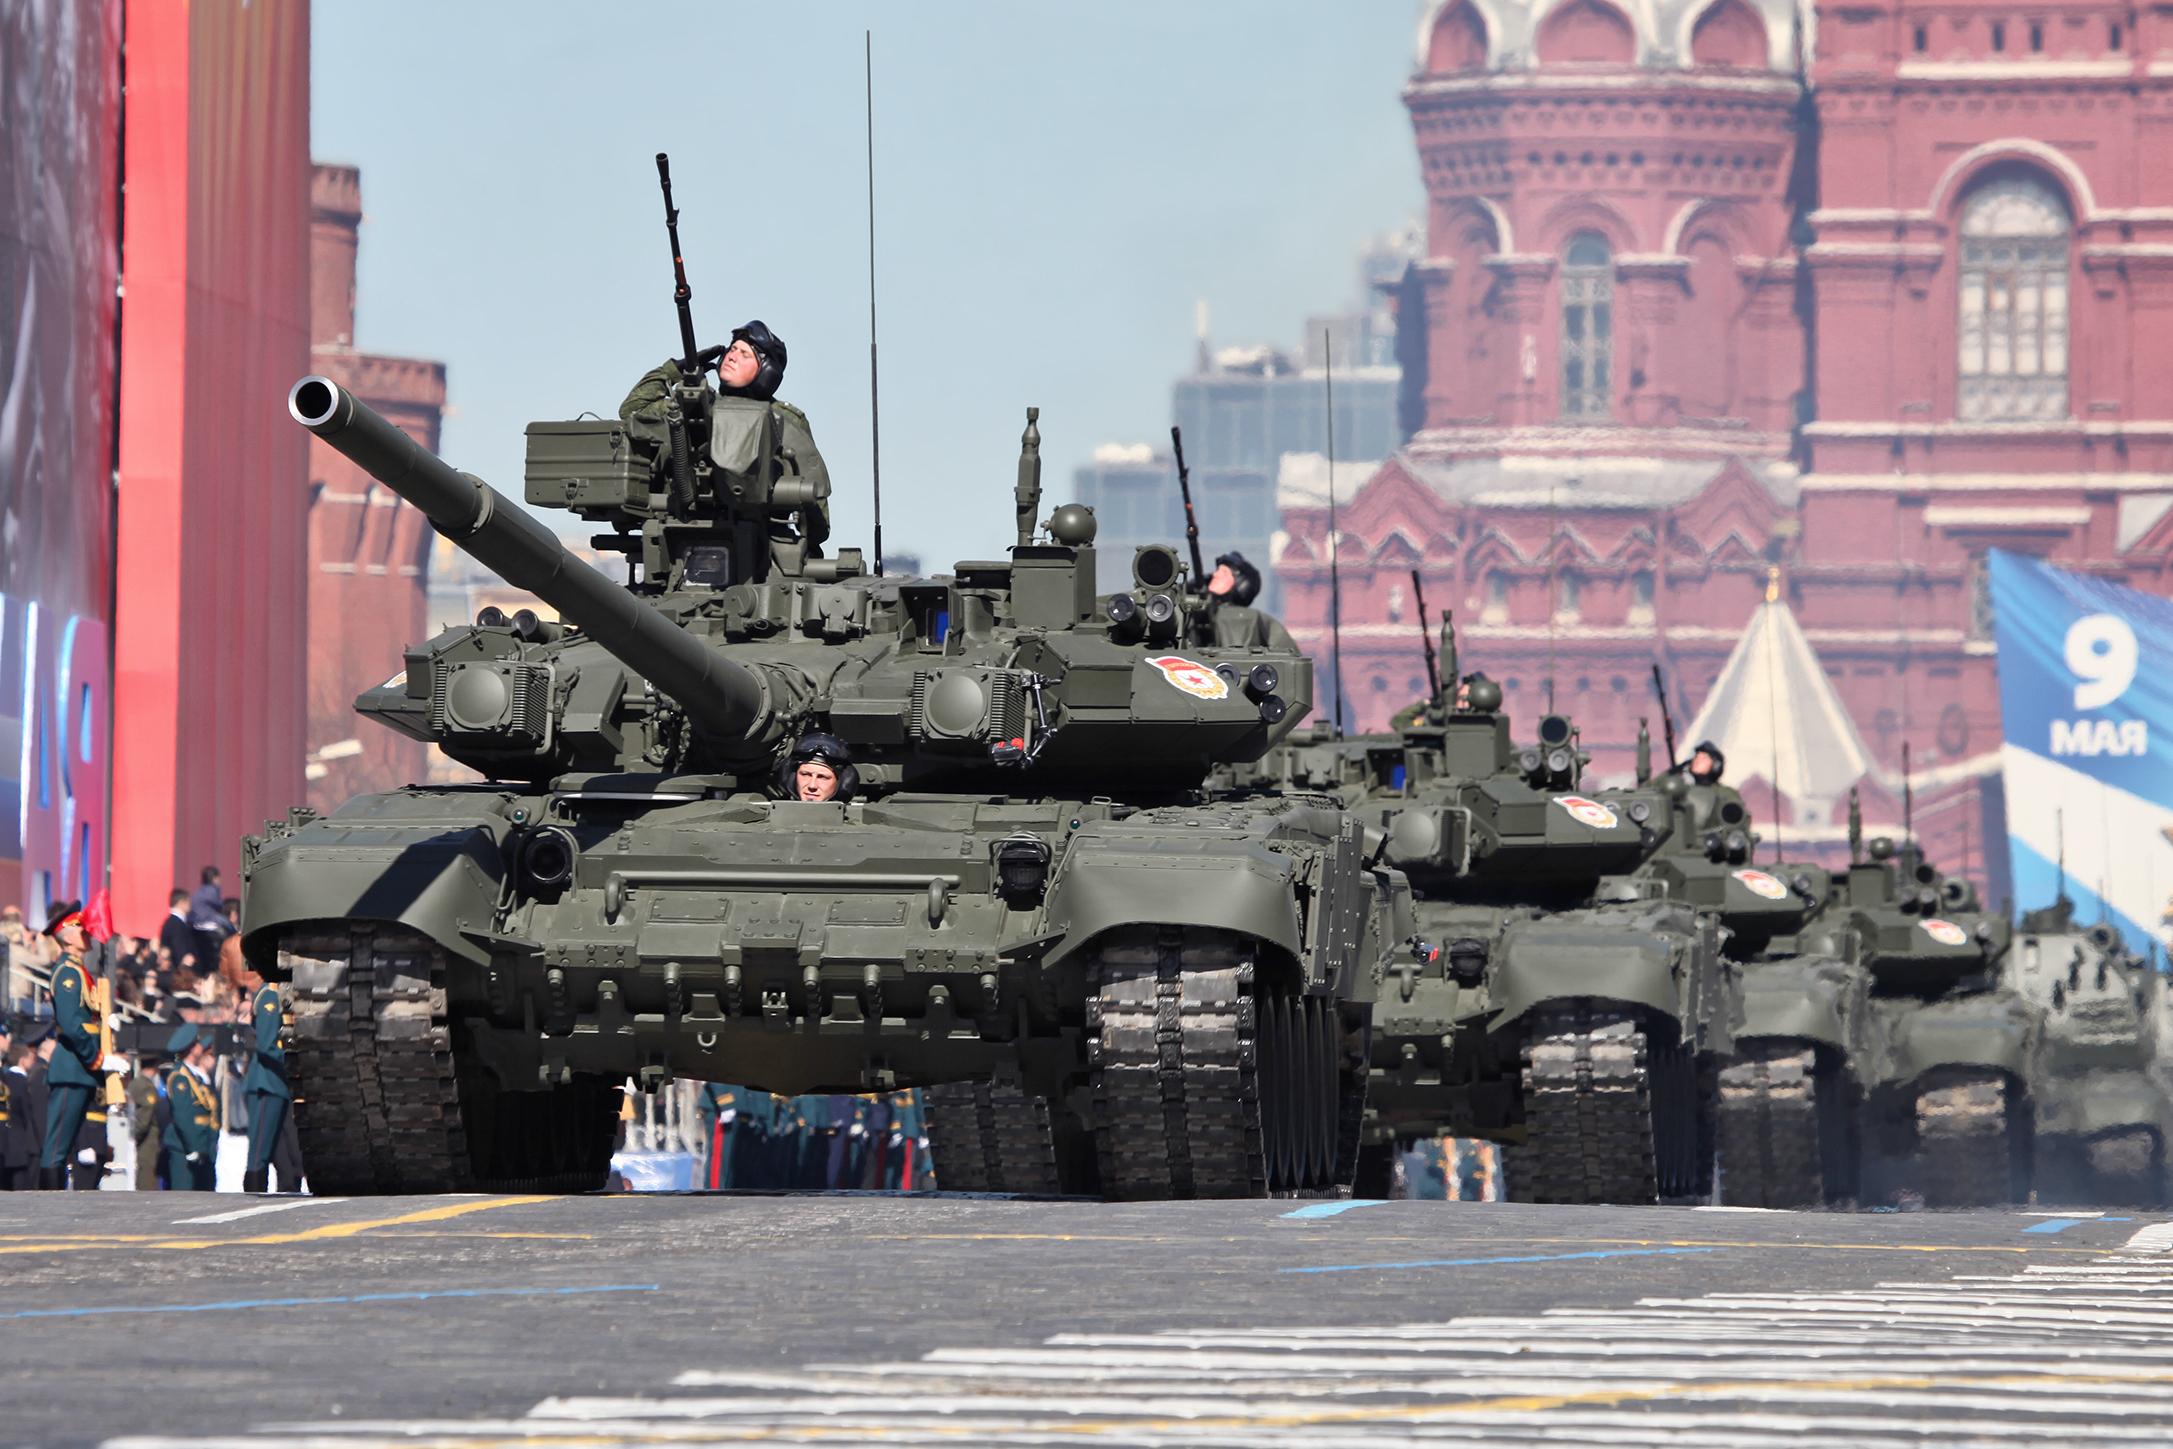 俄罗斯红场大阅兵:《神圣的战争》再次响彻红场上空 - 纽约客 - 纽约大图